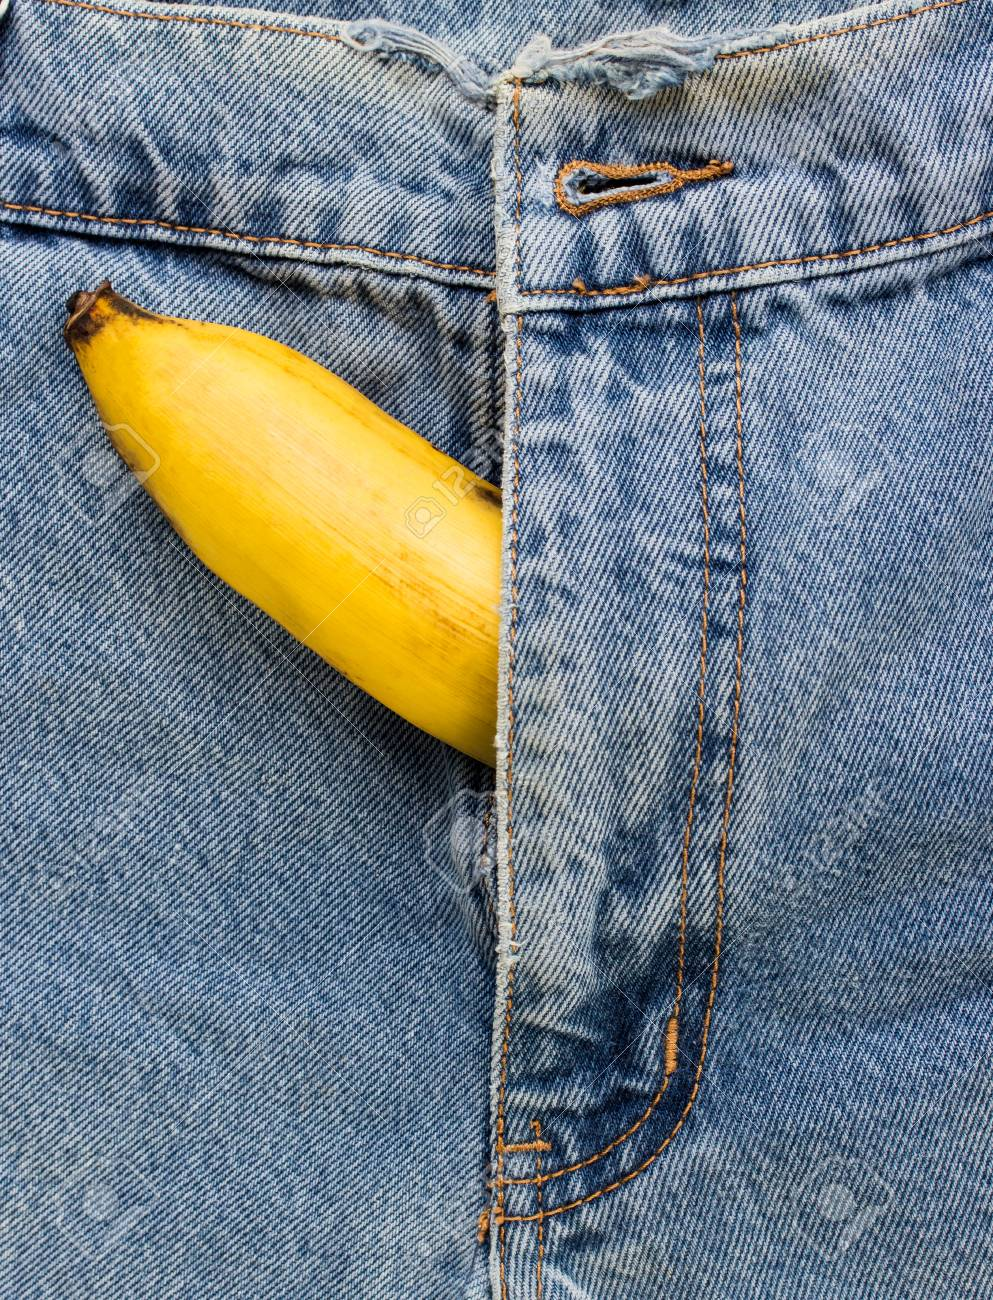 Mens penis pic